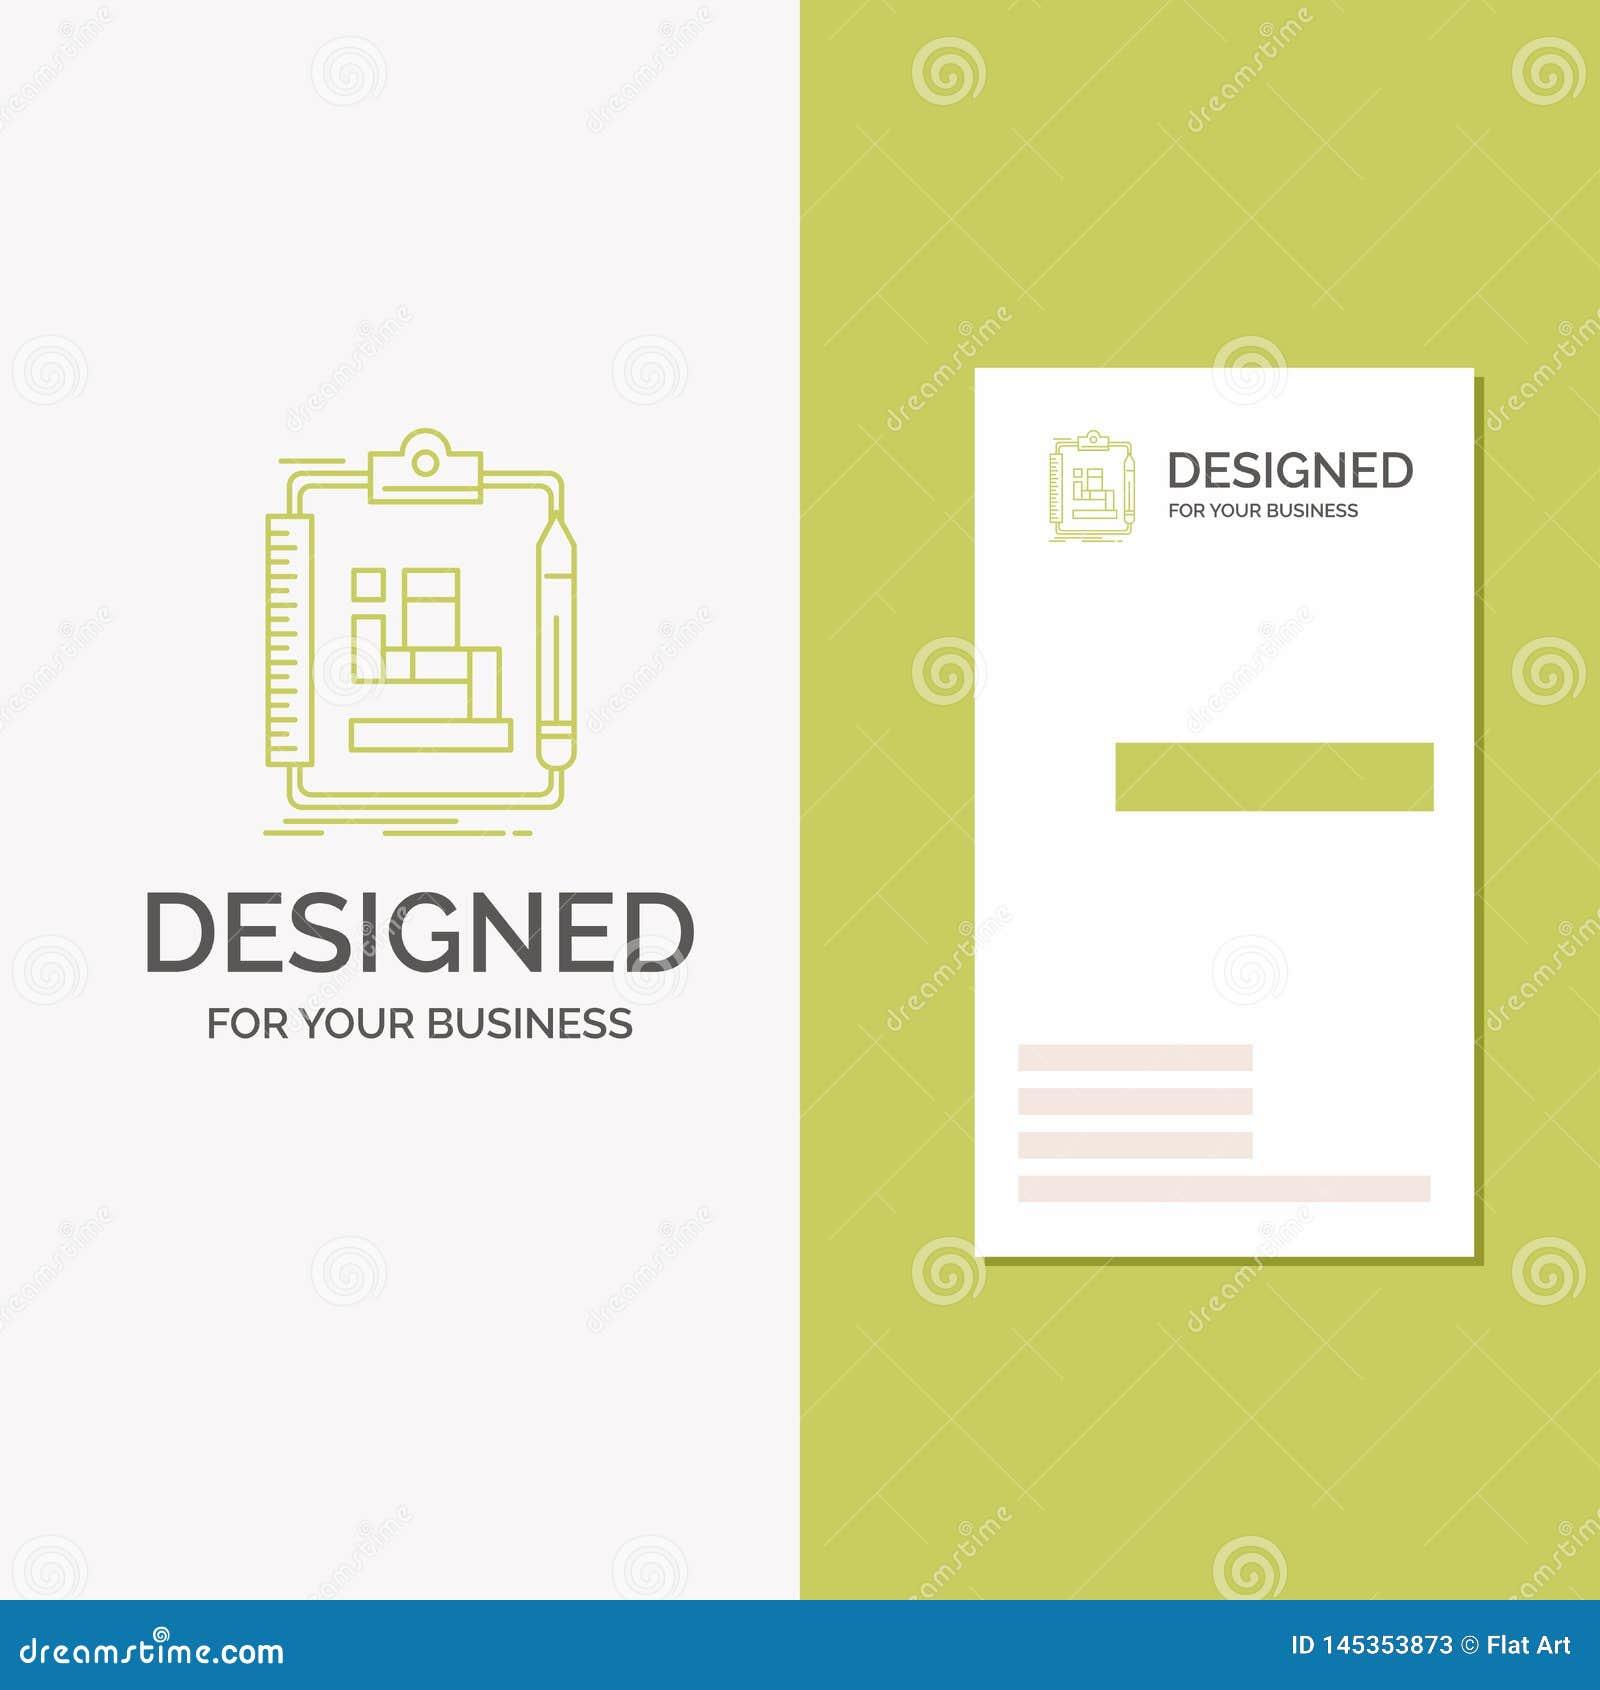 Επιχειρησιακό λογότυπο για τον αλγόριθμο, διαδικασία, σχέδιο, εργασία, ροή της δουλειάς r r